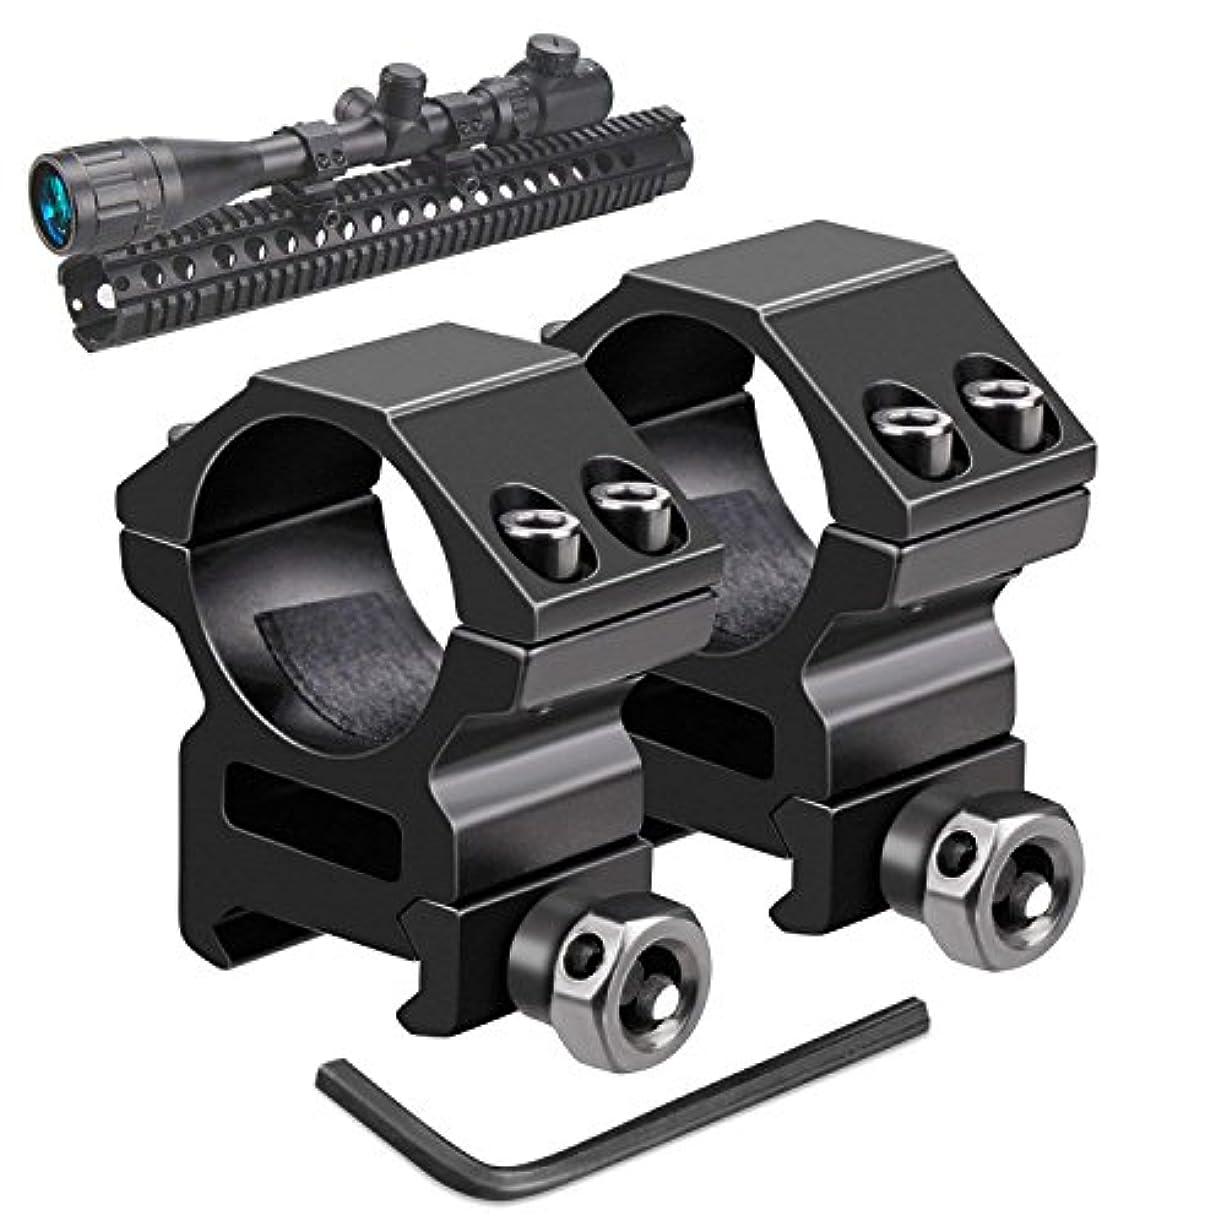 雇うシャイ必要性Uniquefire マウントリング LOW 20mmレイル対応